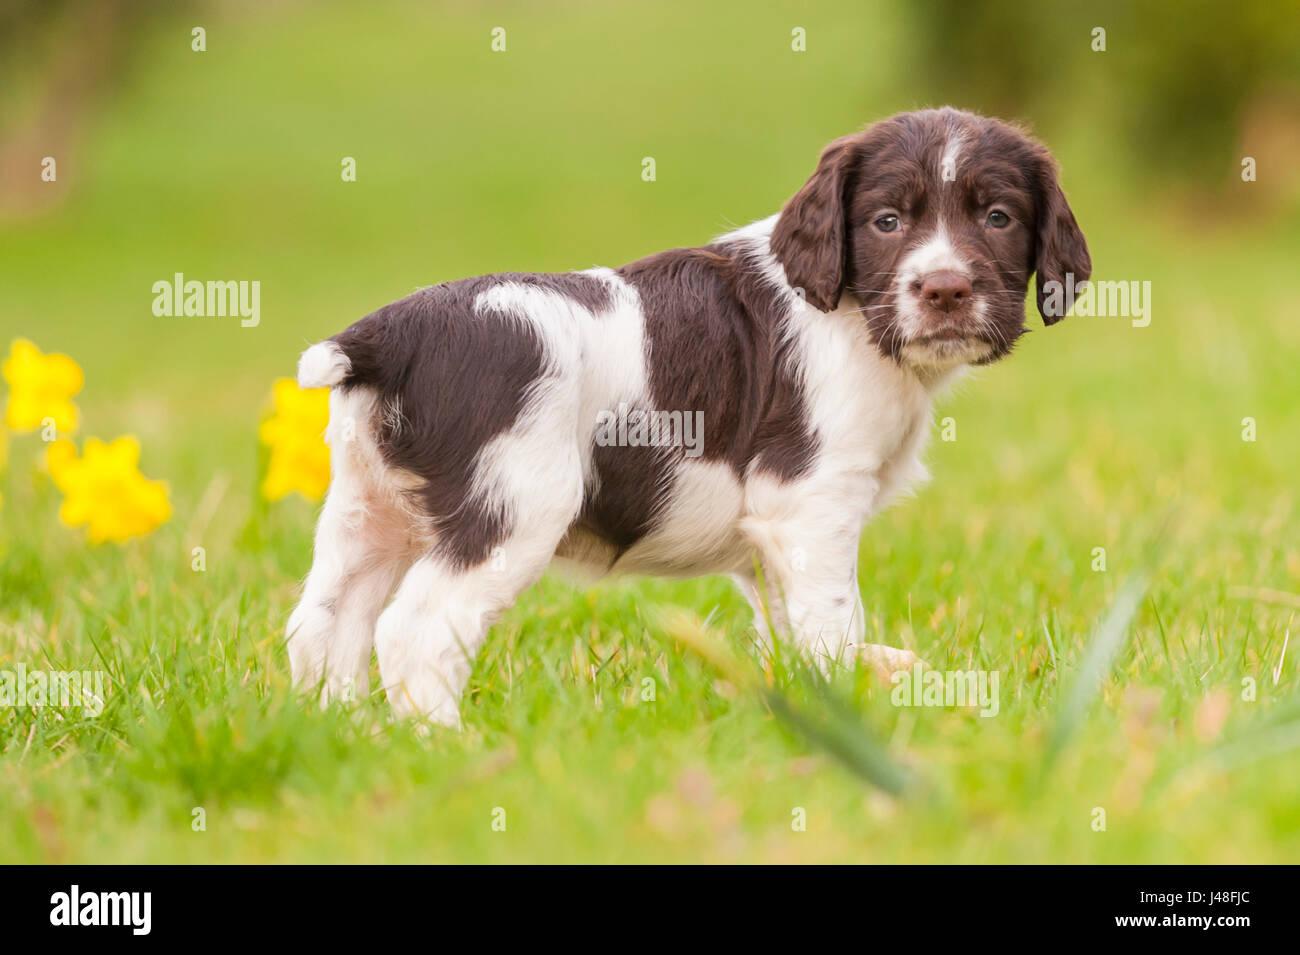 Un English Springer Spaniel cucciolo di 6 settimane di età ad esplorare il giardino Immagini Stock